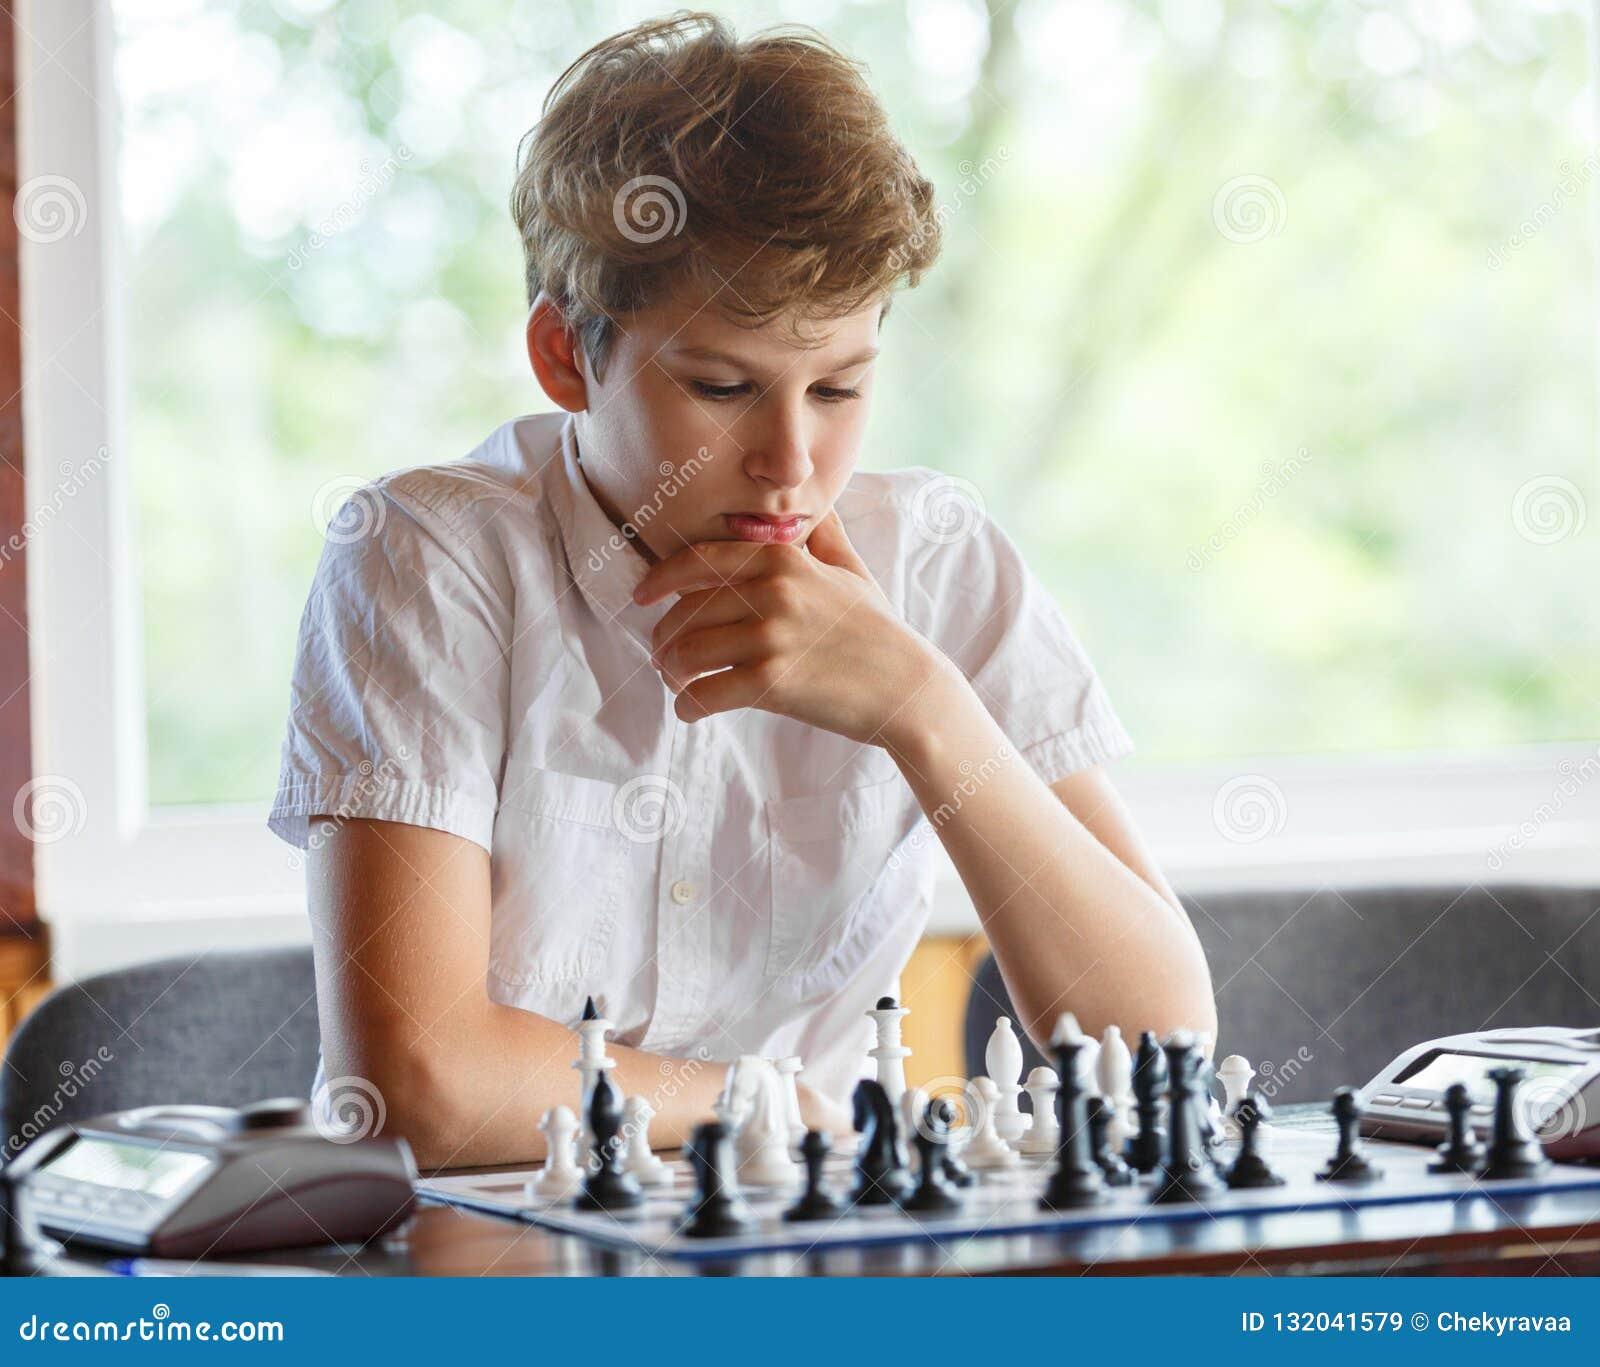 Leuk, slim, zit 11 jaar oude jongens in wit overhemd in het klaslokaal en speelt schaak op het schaakbord Opleiding, les, hobby